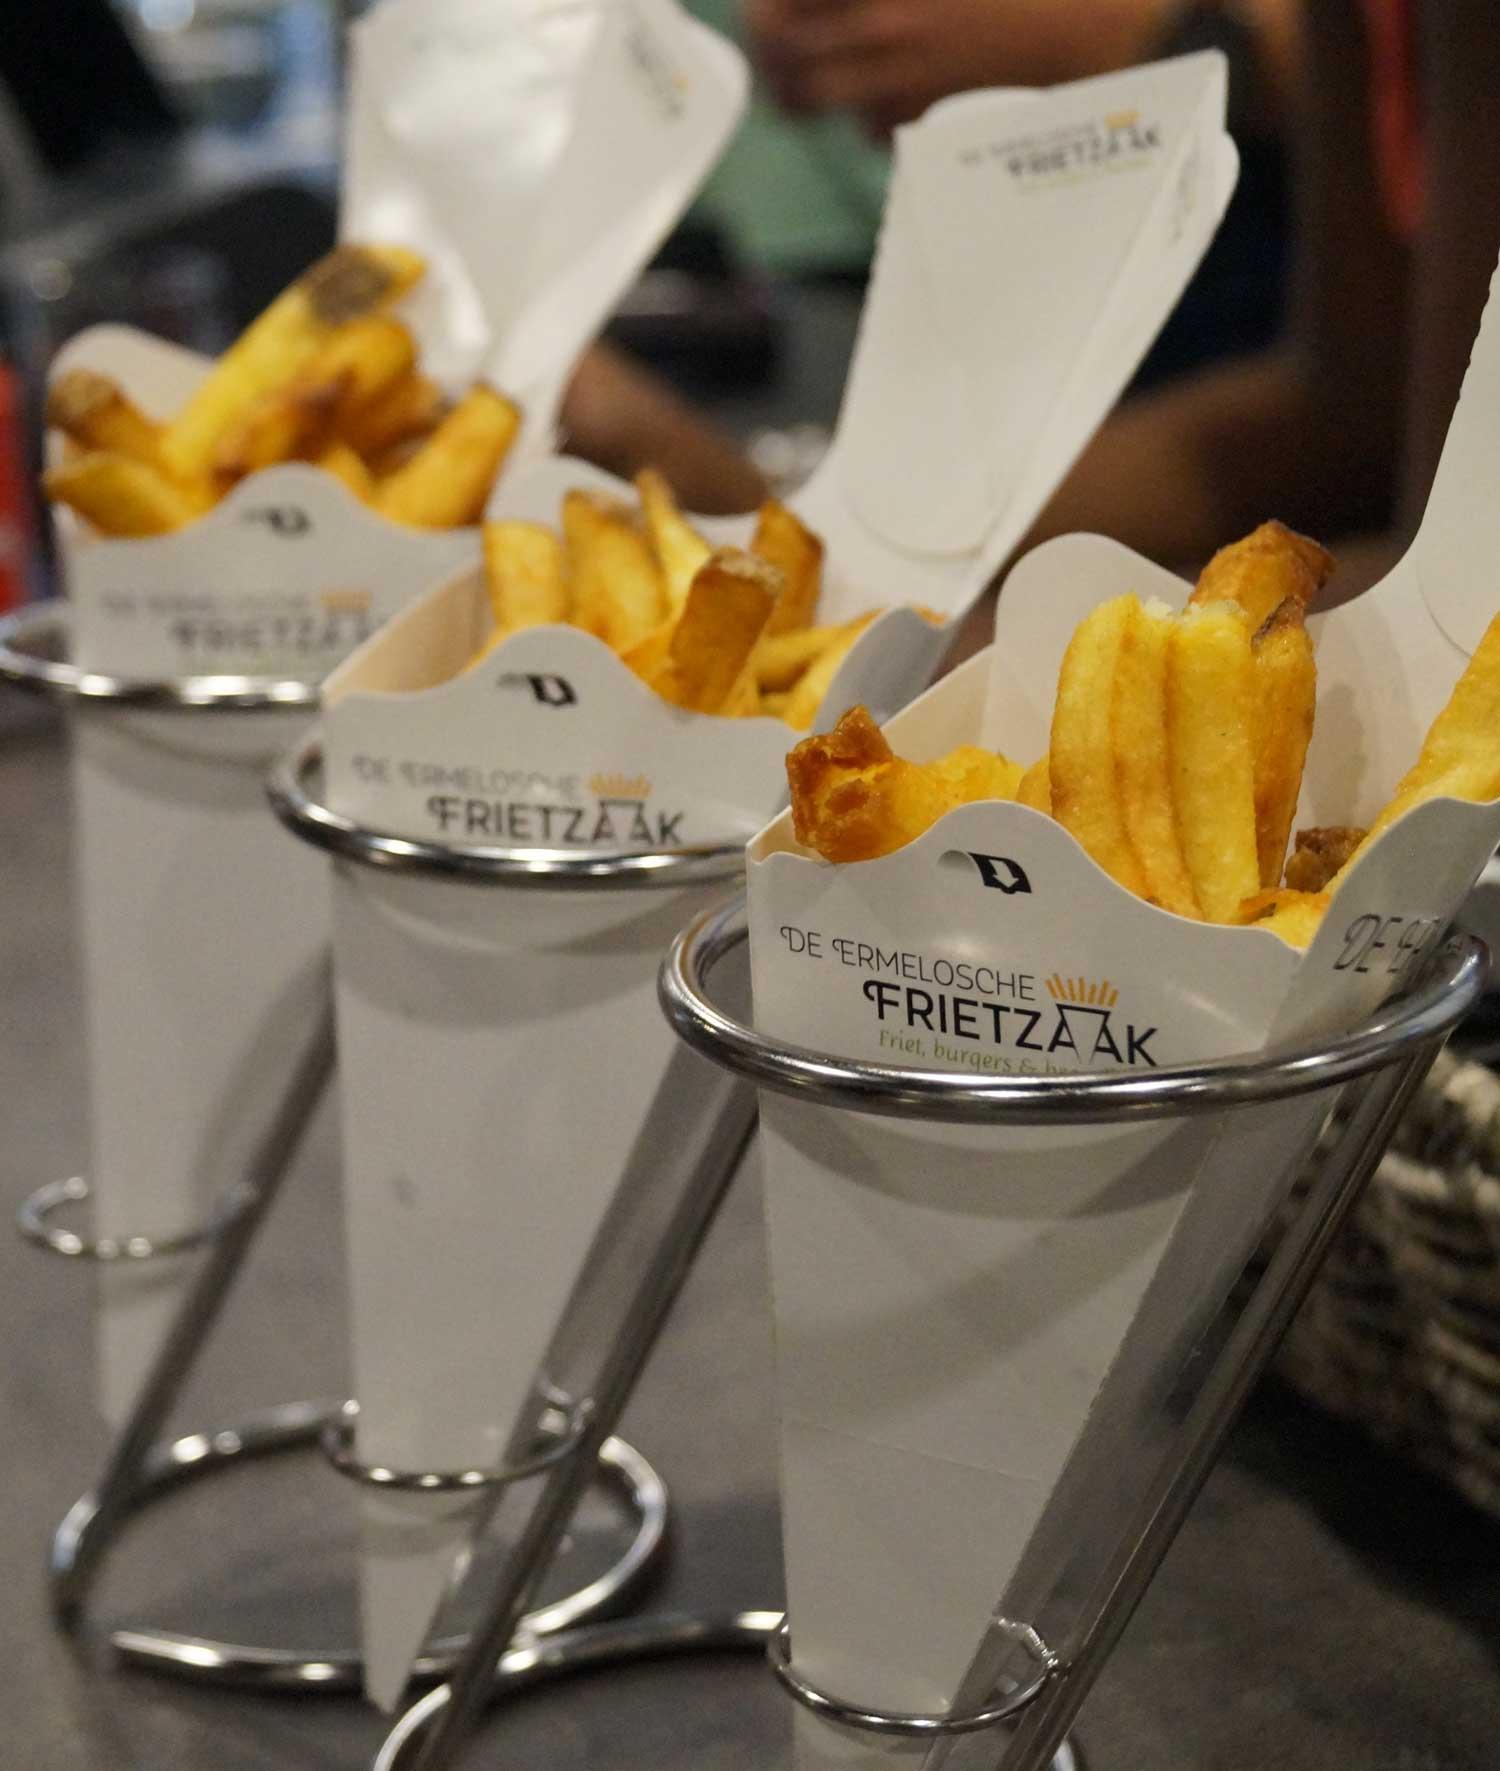 Snackbar-Ermelosche-Frietzaak-ambachtelijke-friet-moderne-puntzak